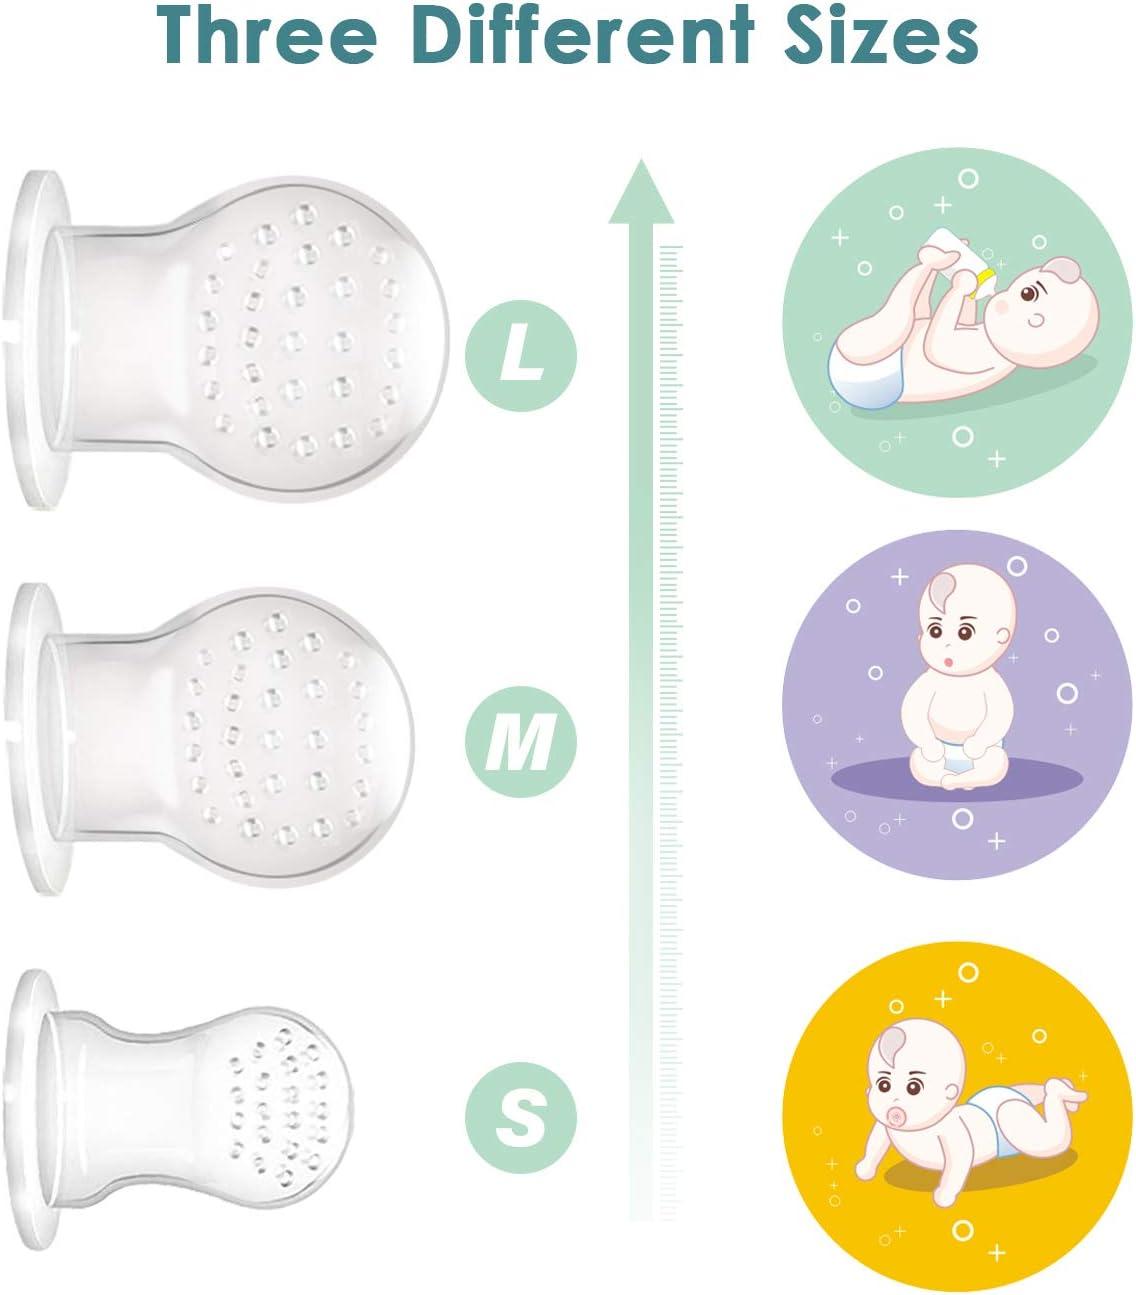 ANGELBLISS Alimentador antiahogo bebe 2 piezas chupete fruta bebe sin BPA alimentador bebe con pacifiers de 3 tama/ños diferentes